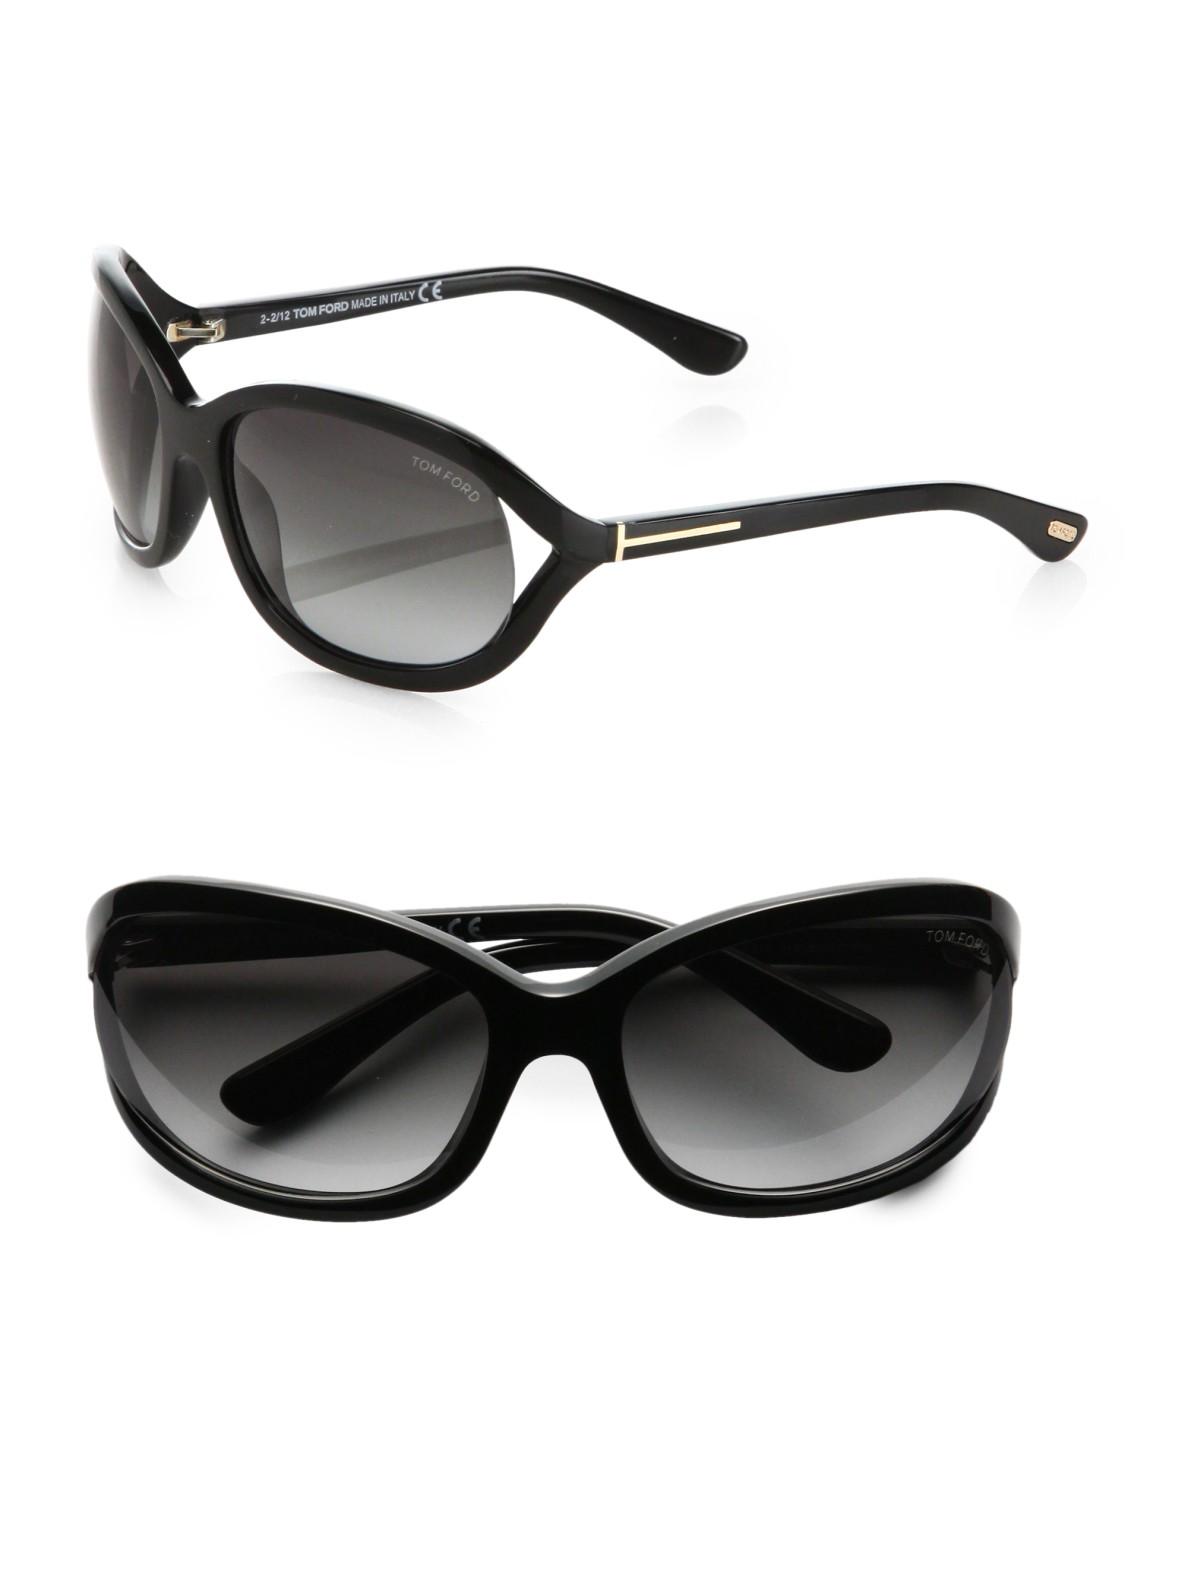 tom ford jennifer acetate sunglasses in black lyst. Black Bedroom Furniture Sets. Home Design Ideas